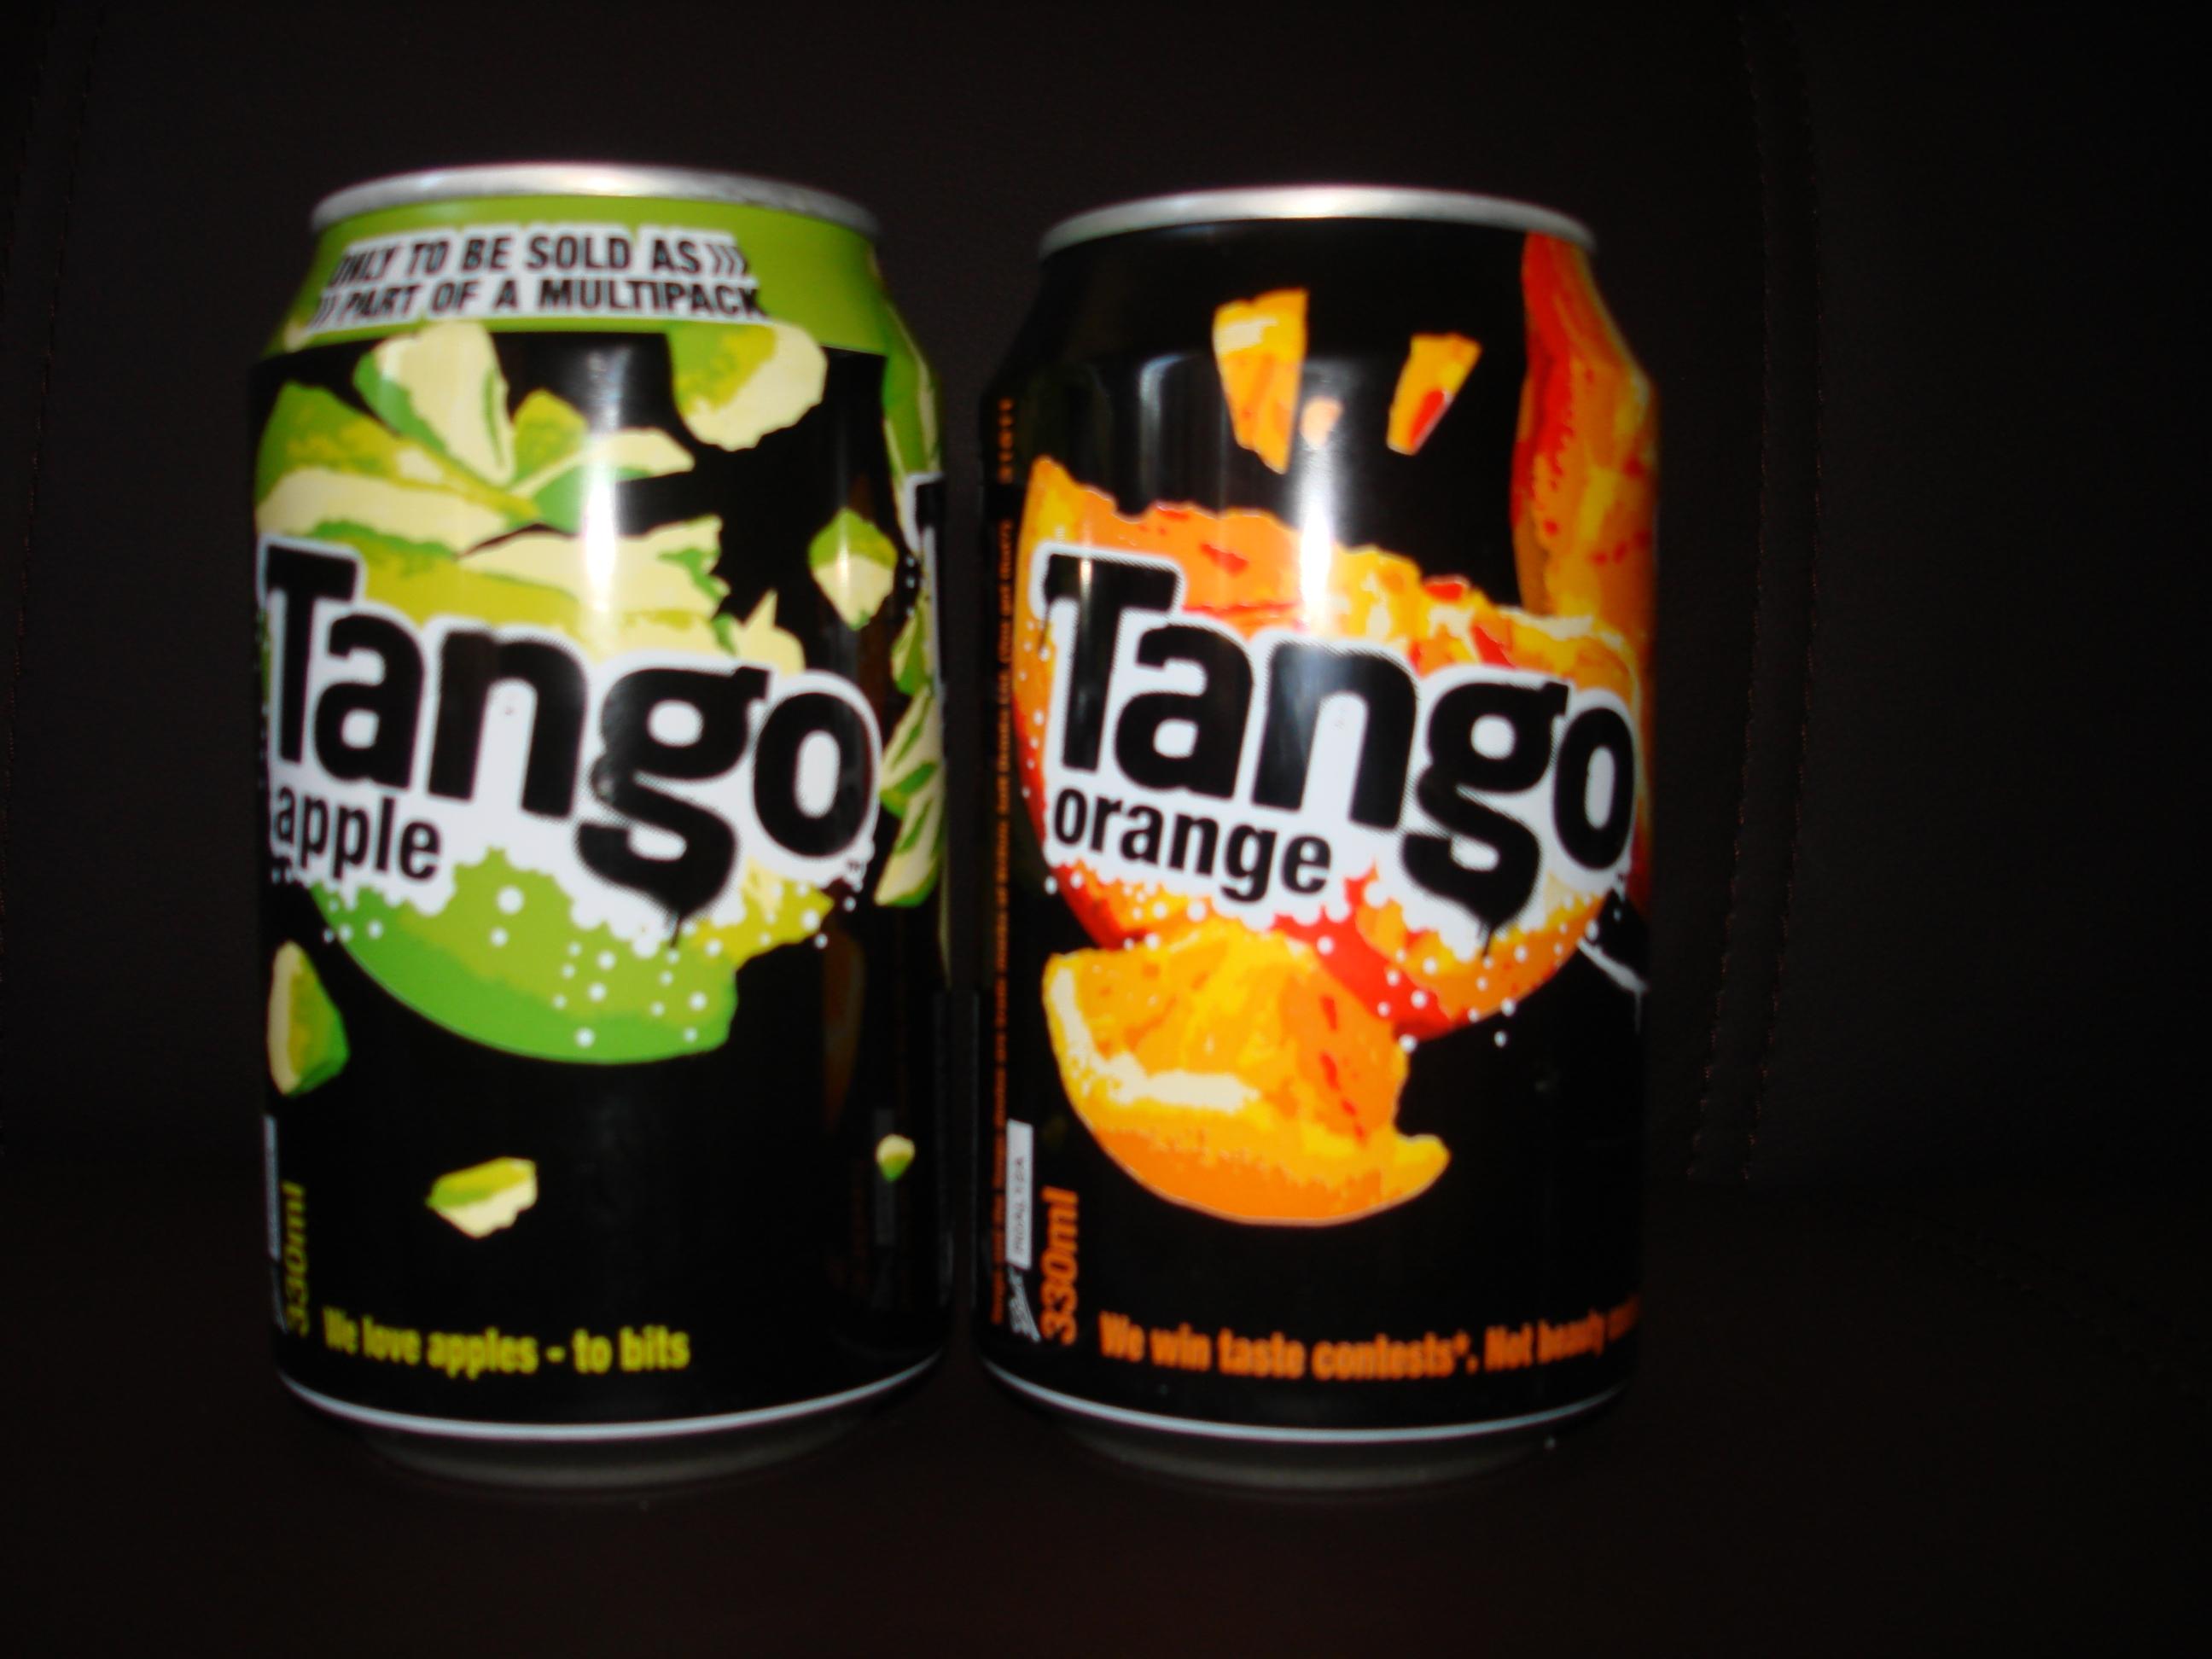 Tango (drink) - Wikipedia